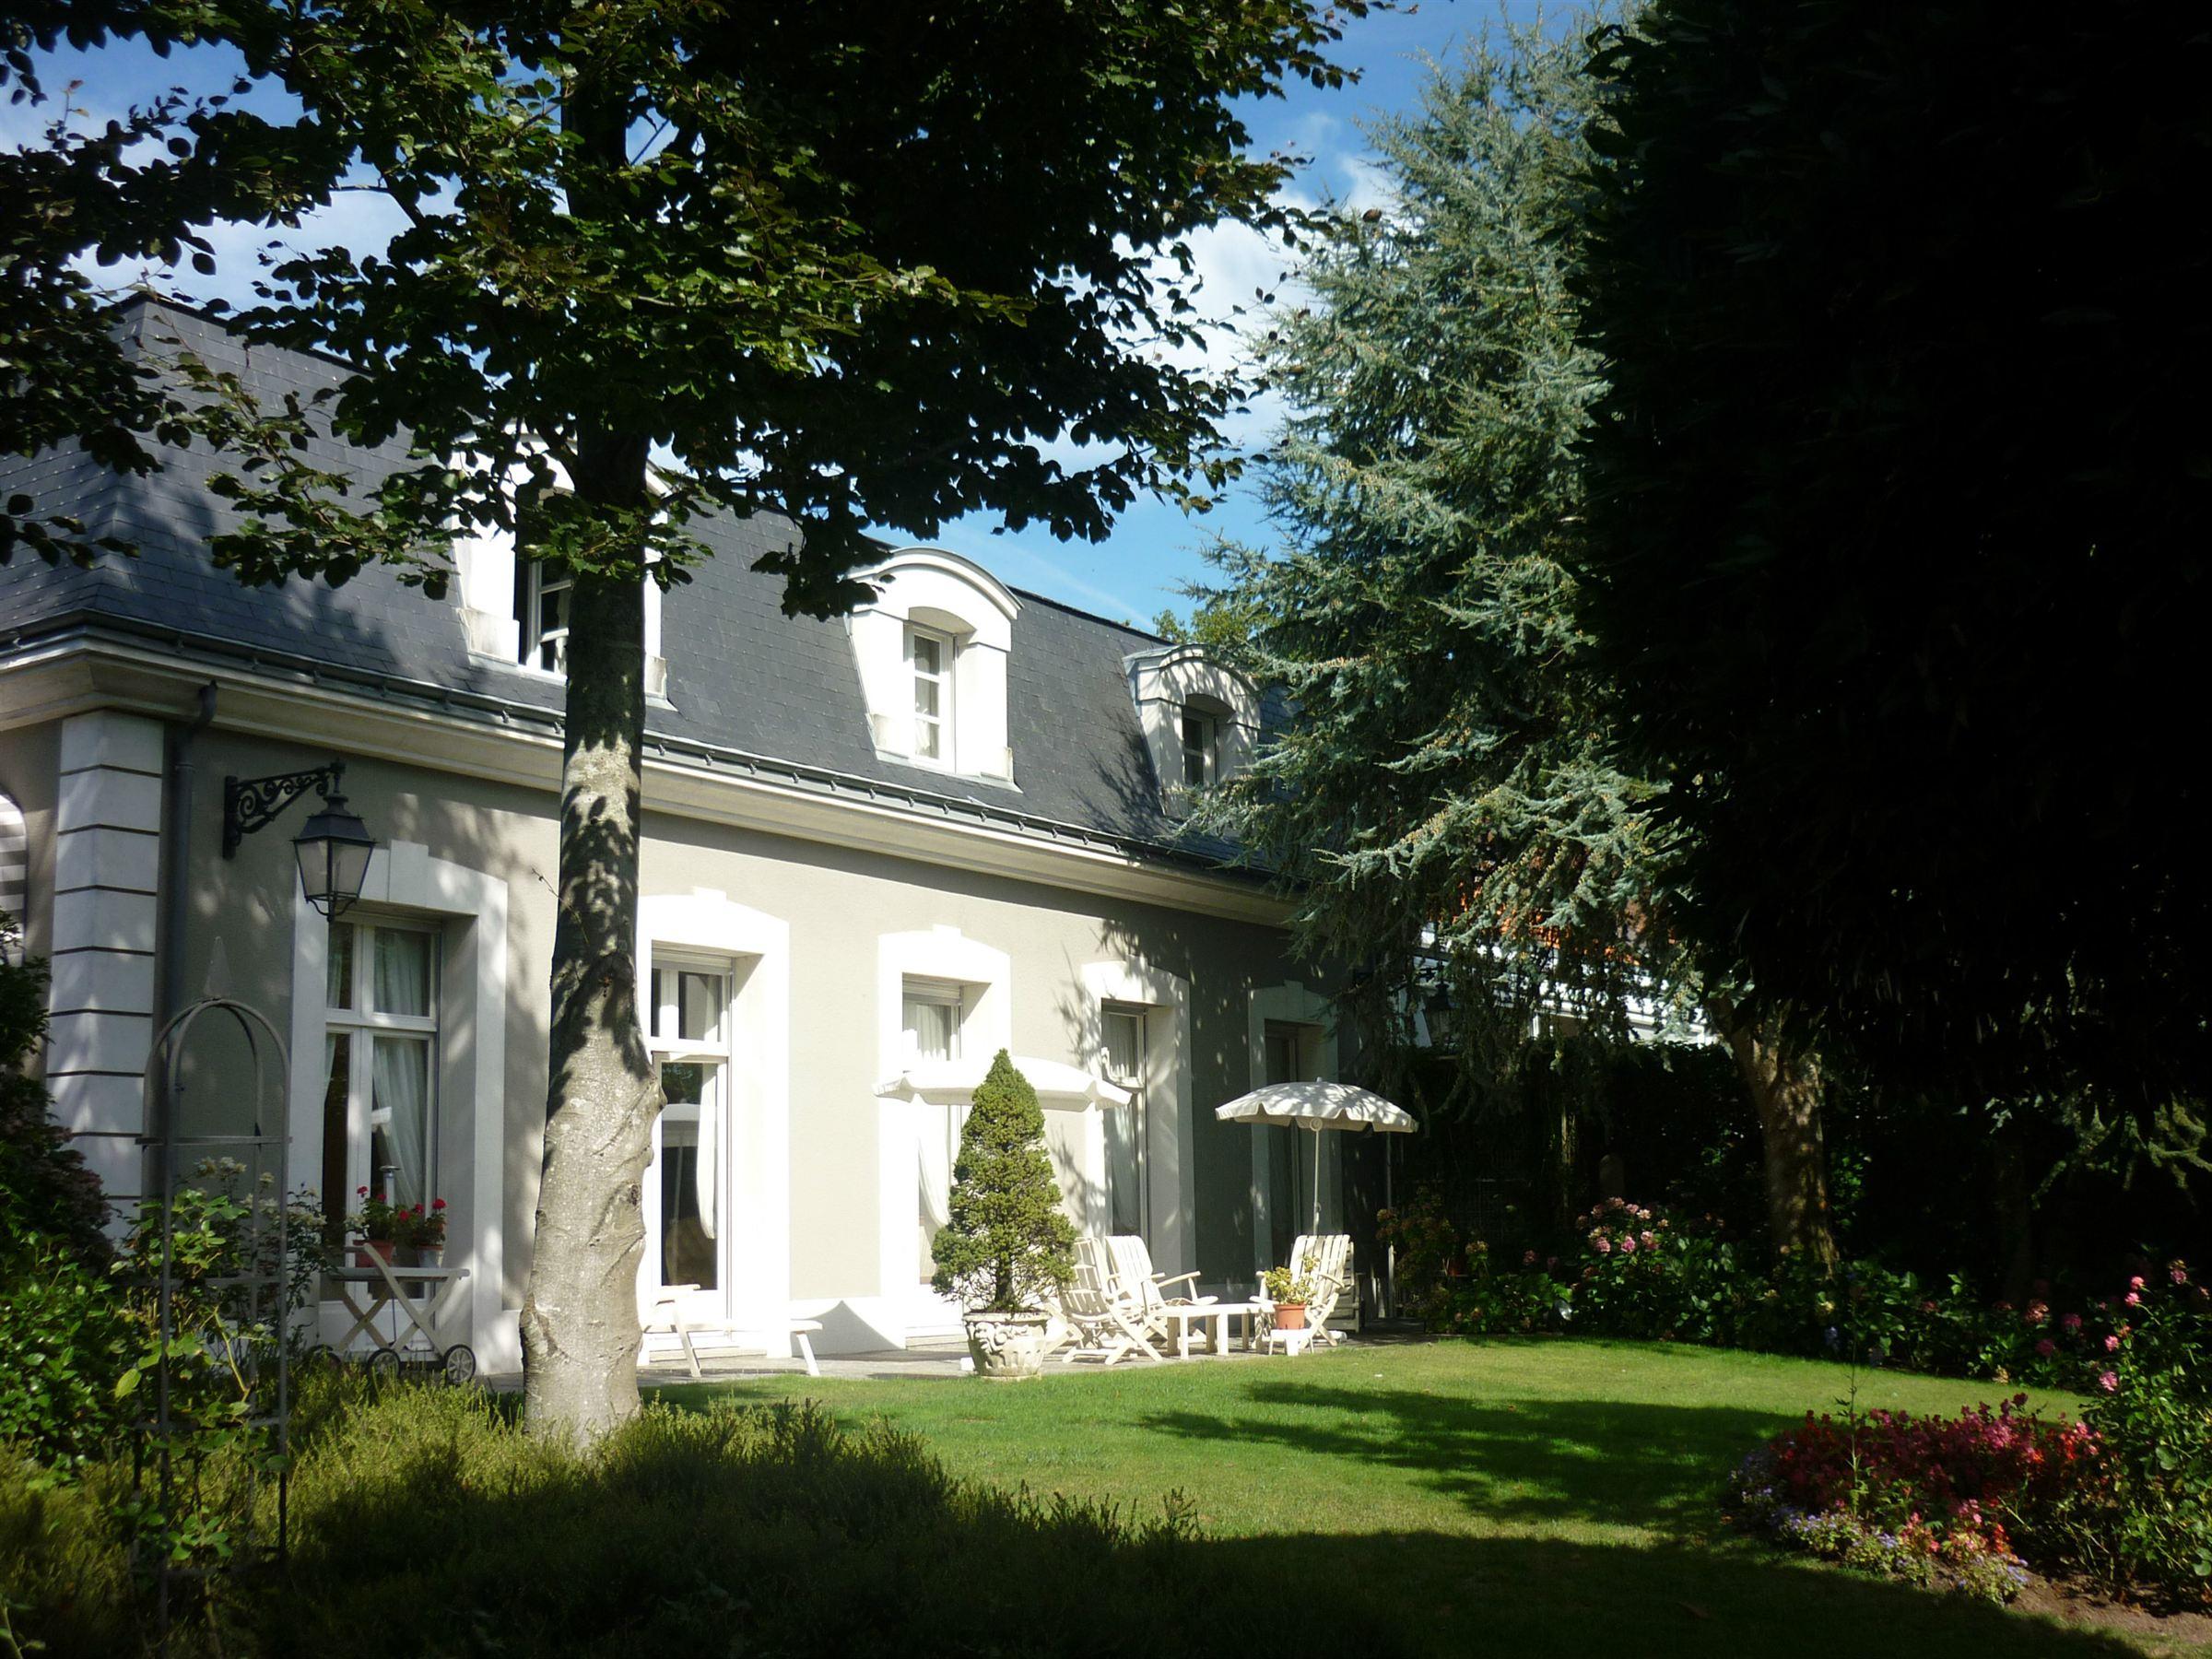 단독 가정 주택 용 매매 에 NANTES - ROND POINT DE RENNES - PERVERIE - QUARTIER RESIDENTIEL Nantes, 페이드라루아르주 44000 프랑스